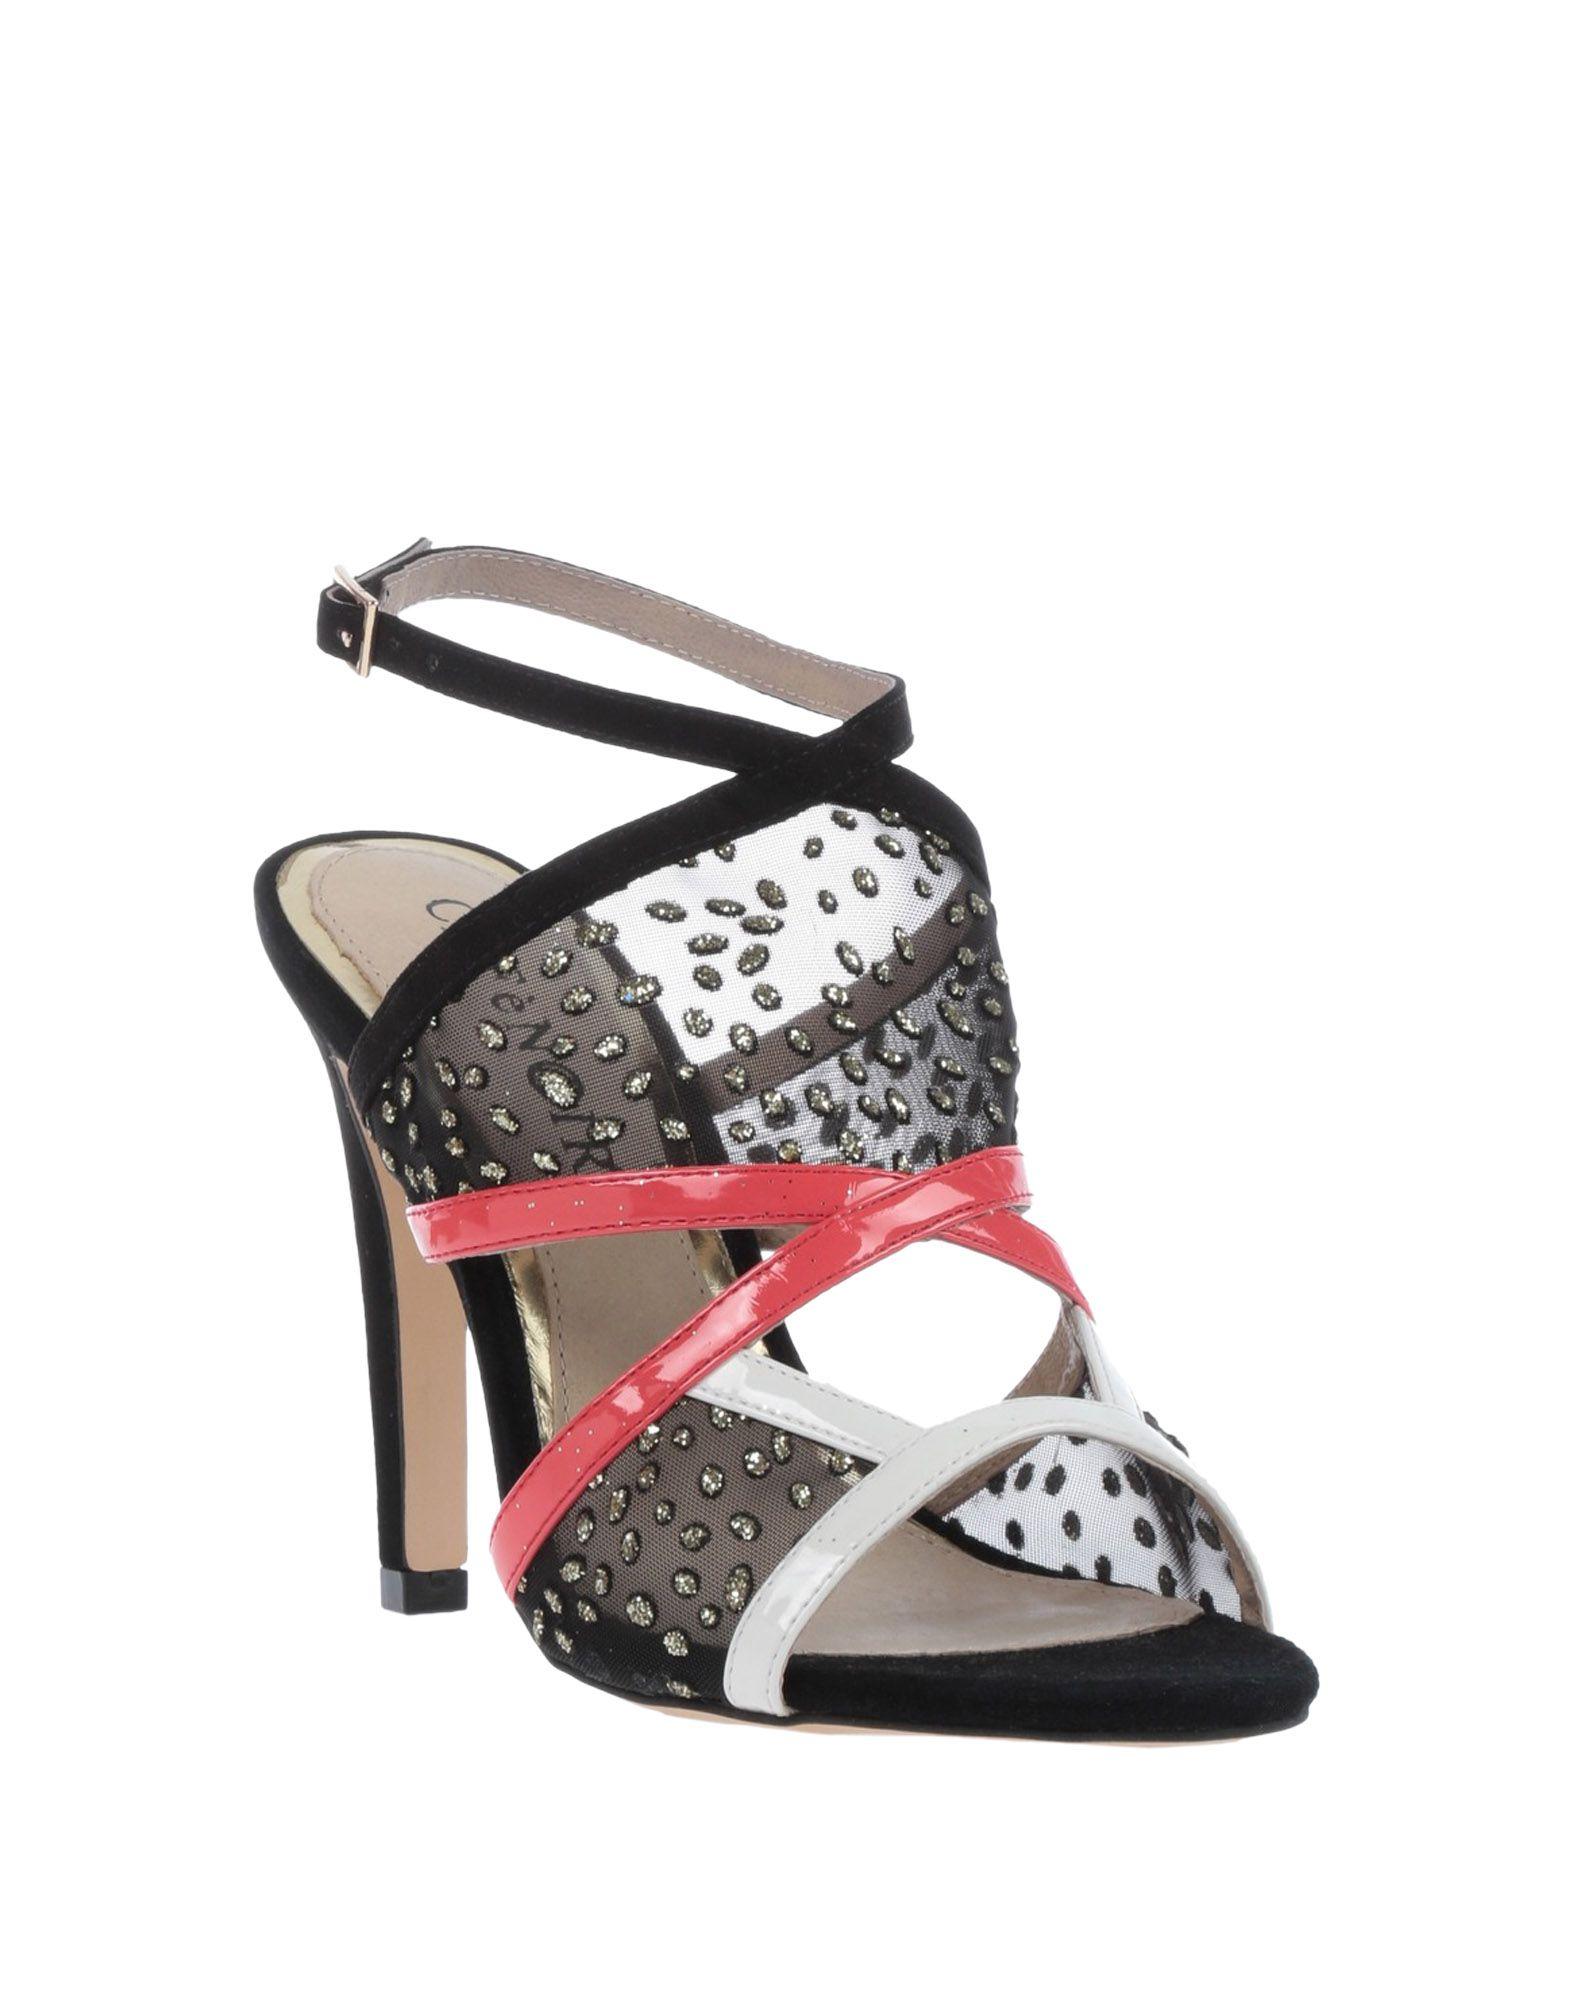 Schuhe Cafènoir Sandalen Damen  11516108ST Heiße Schuhe  325097